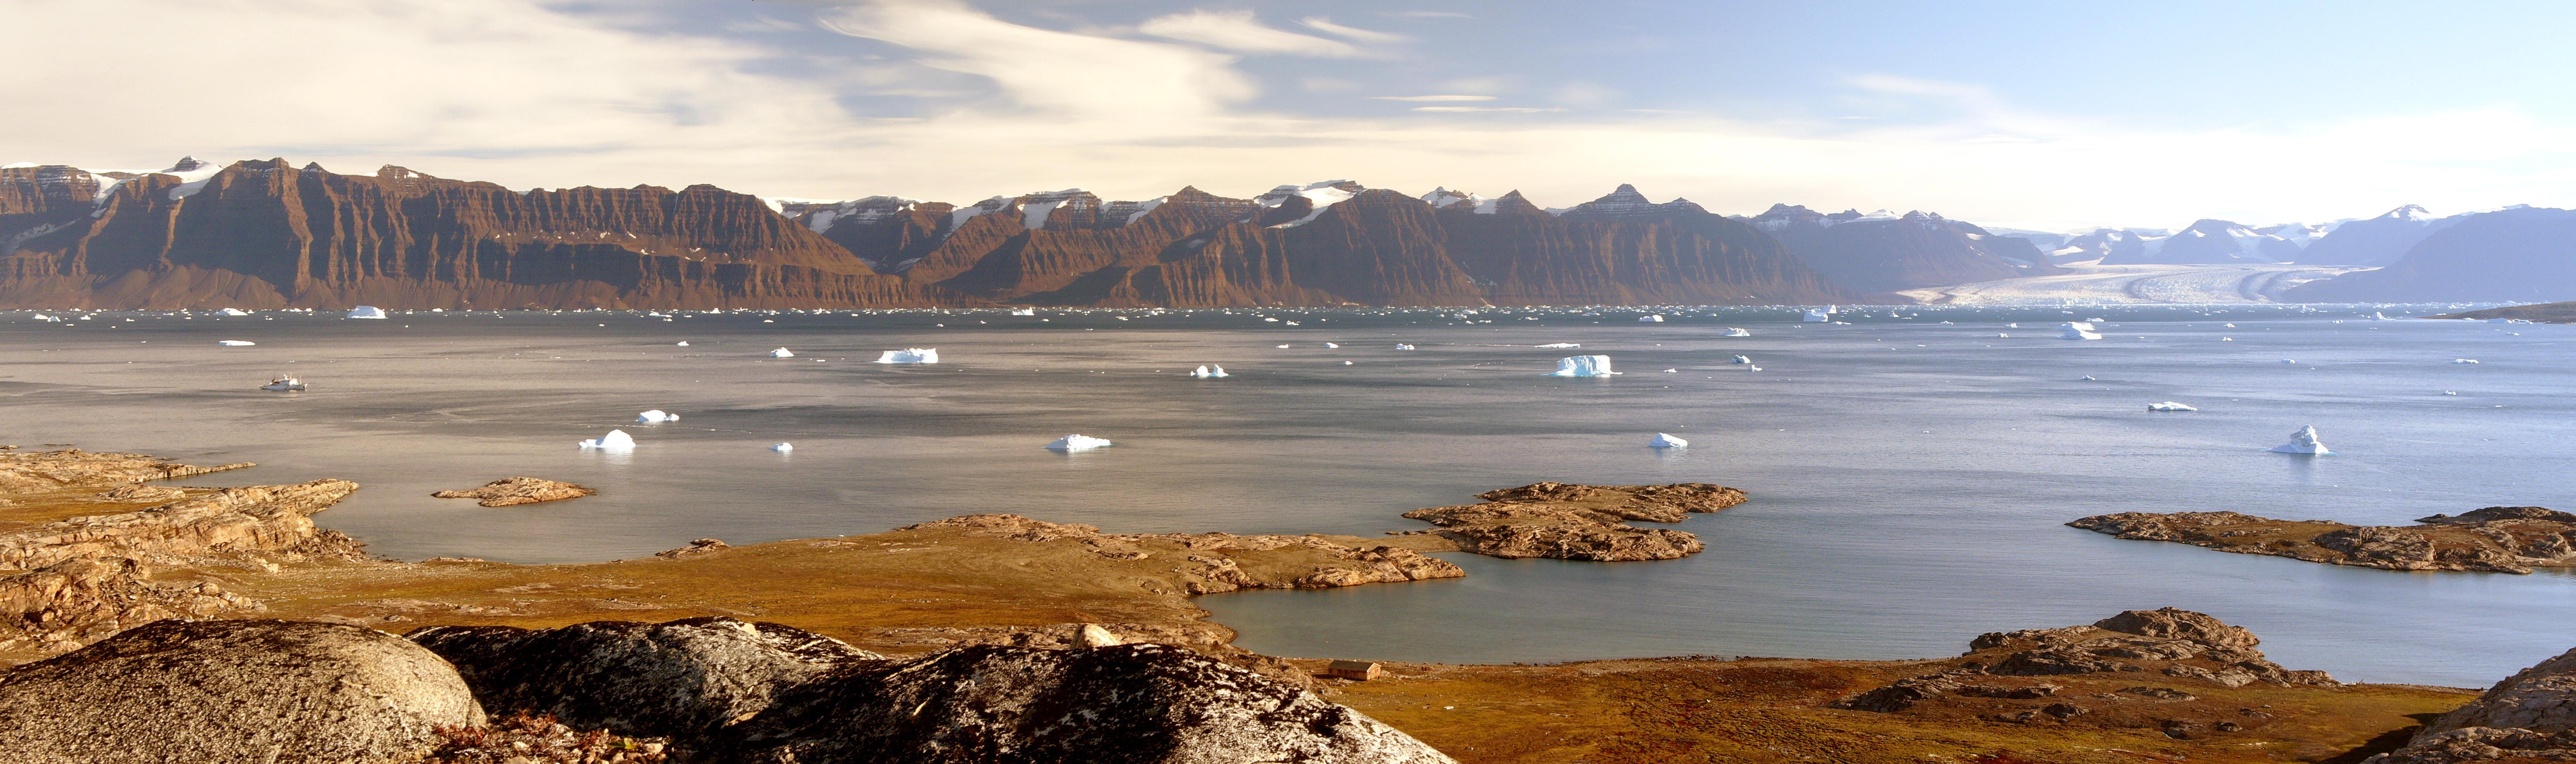 Арктика в ледниковый период: пресный океан под слоем льда